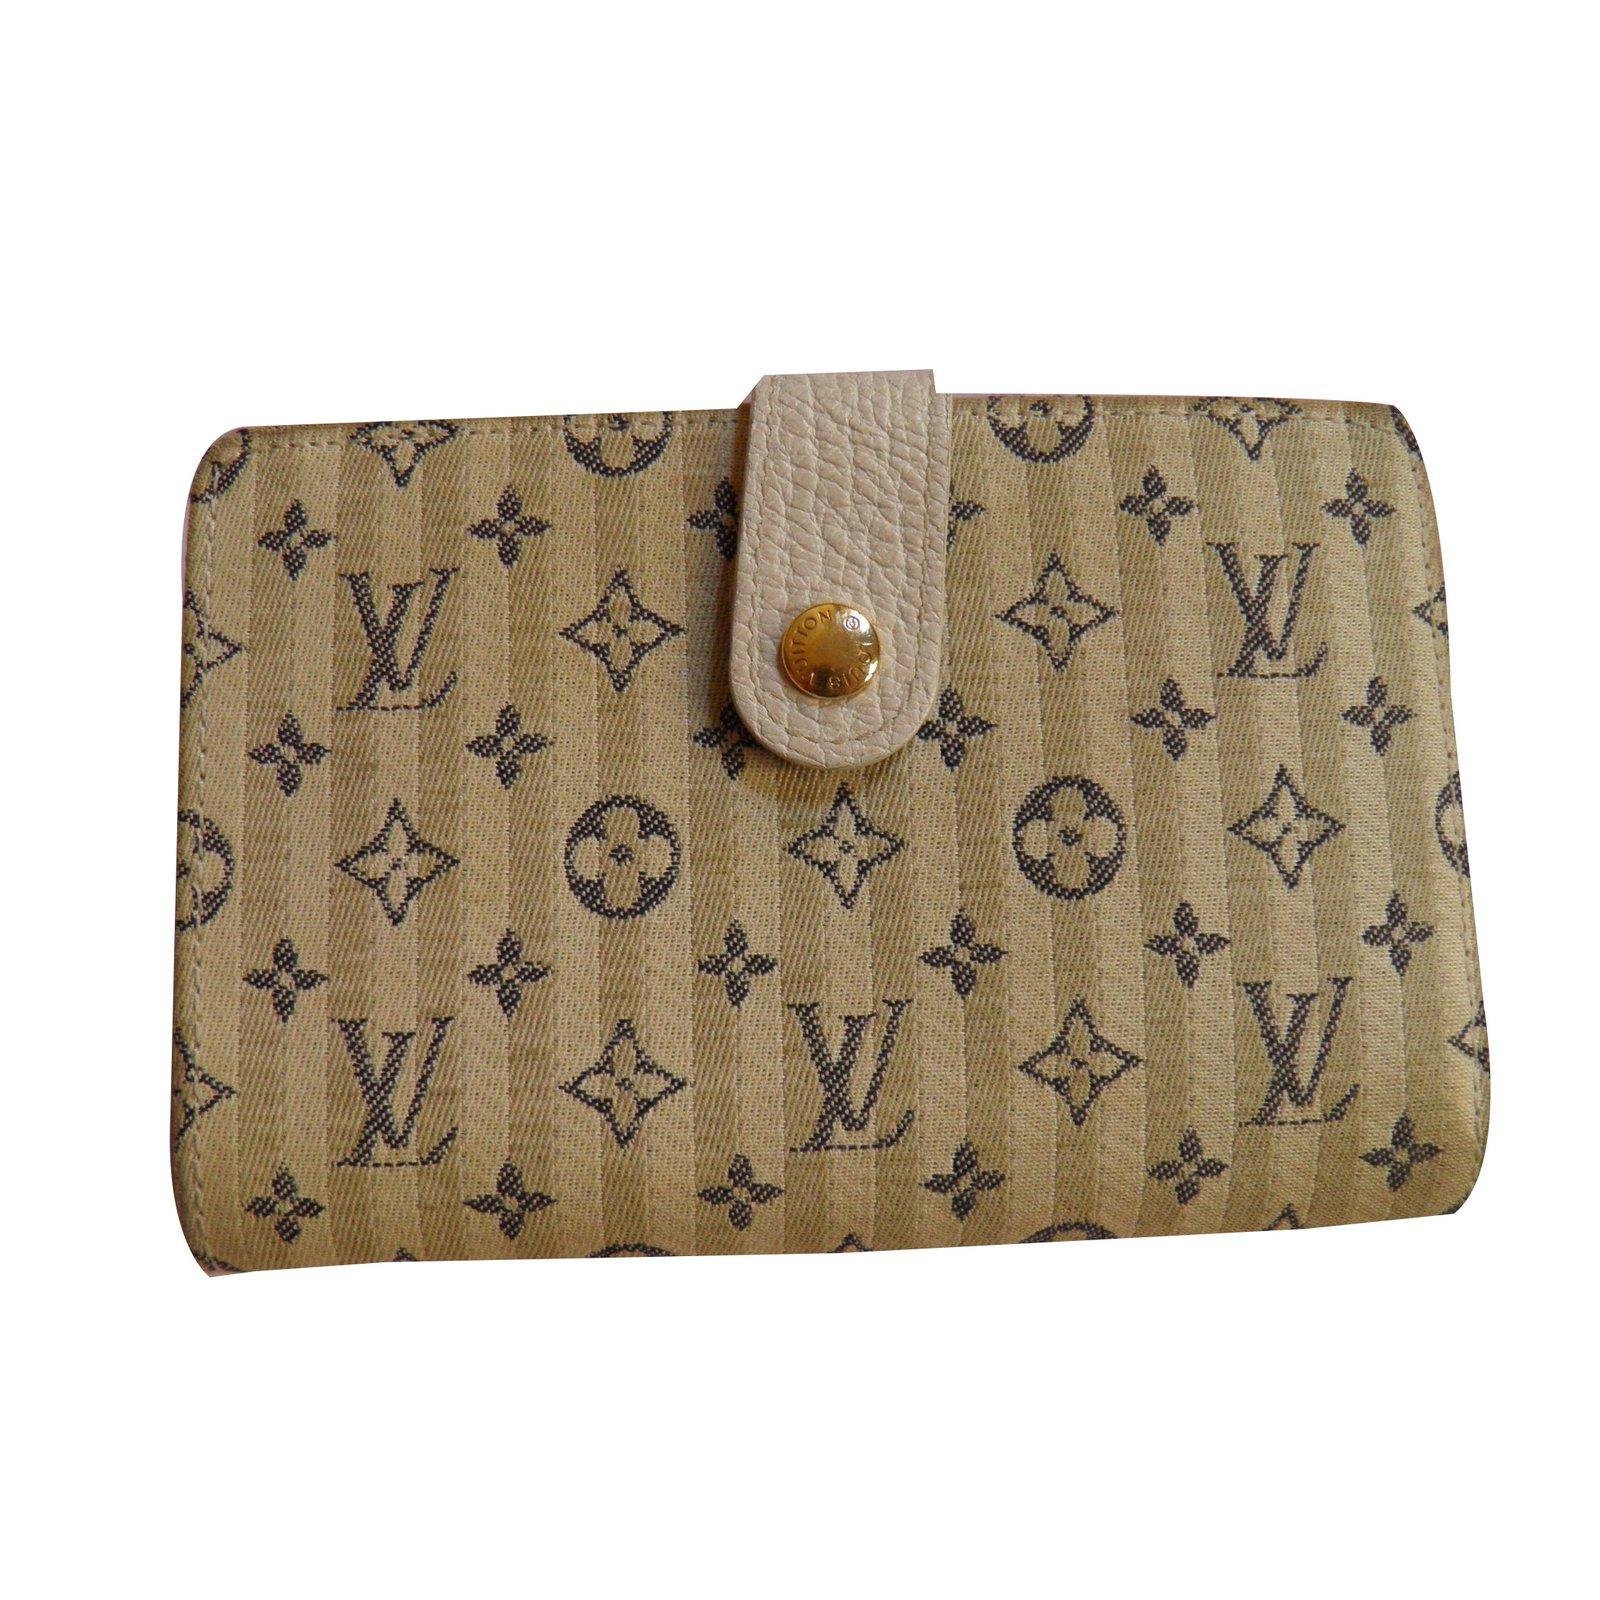 louis vuitton mini lin wallets other multiple colors ref 57194